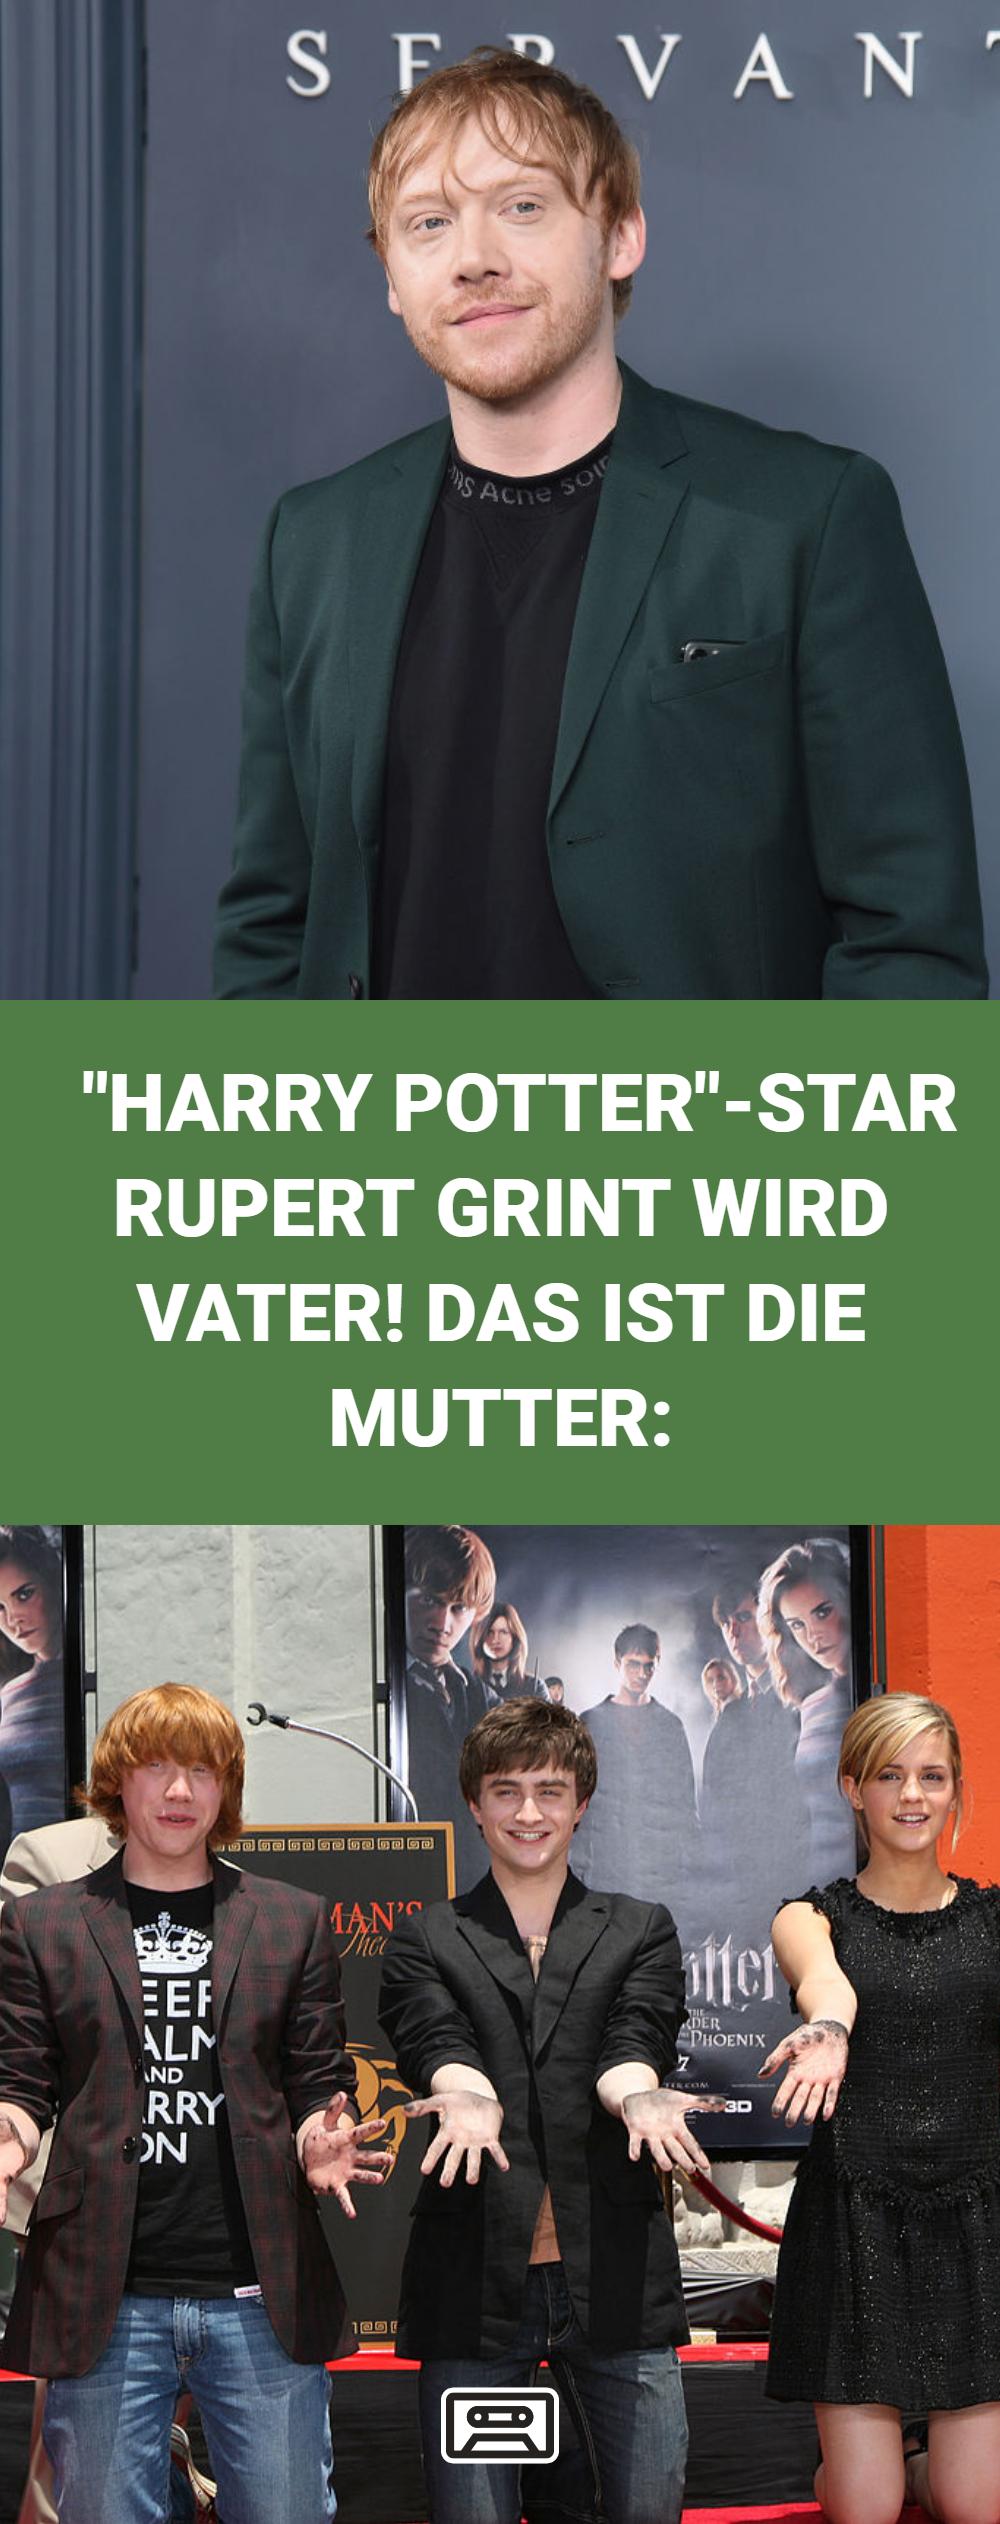 Harry Potter Star Rupert Grint Ron Weasley Wird Vater Der 31 Jahrige Und Seine Freundin Georgia Groome Erwarten I Vater Klatsch Und Tratsch Schauspieler